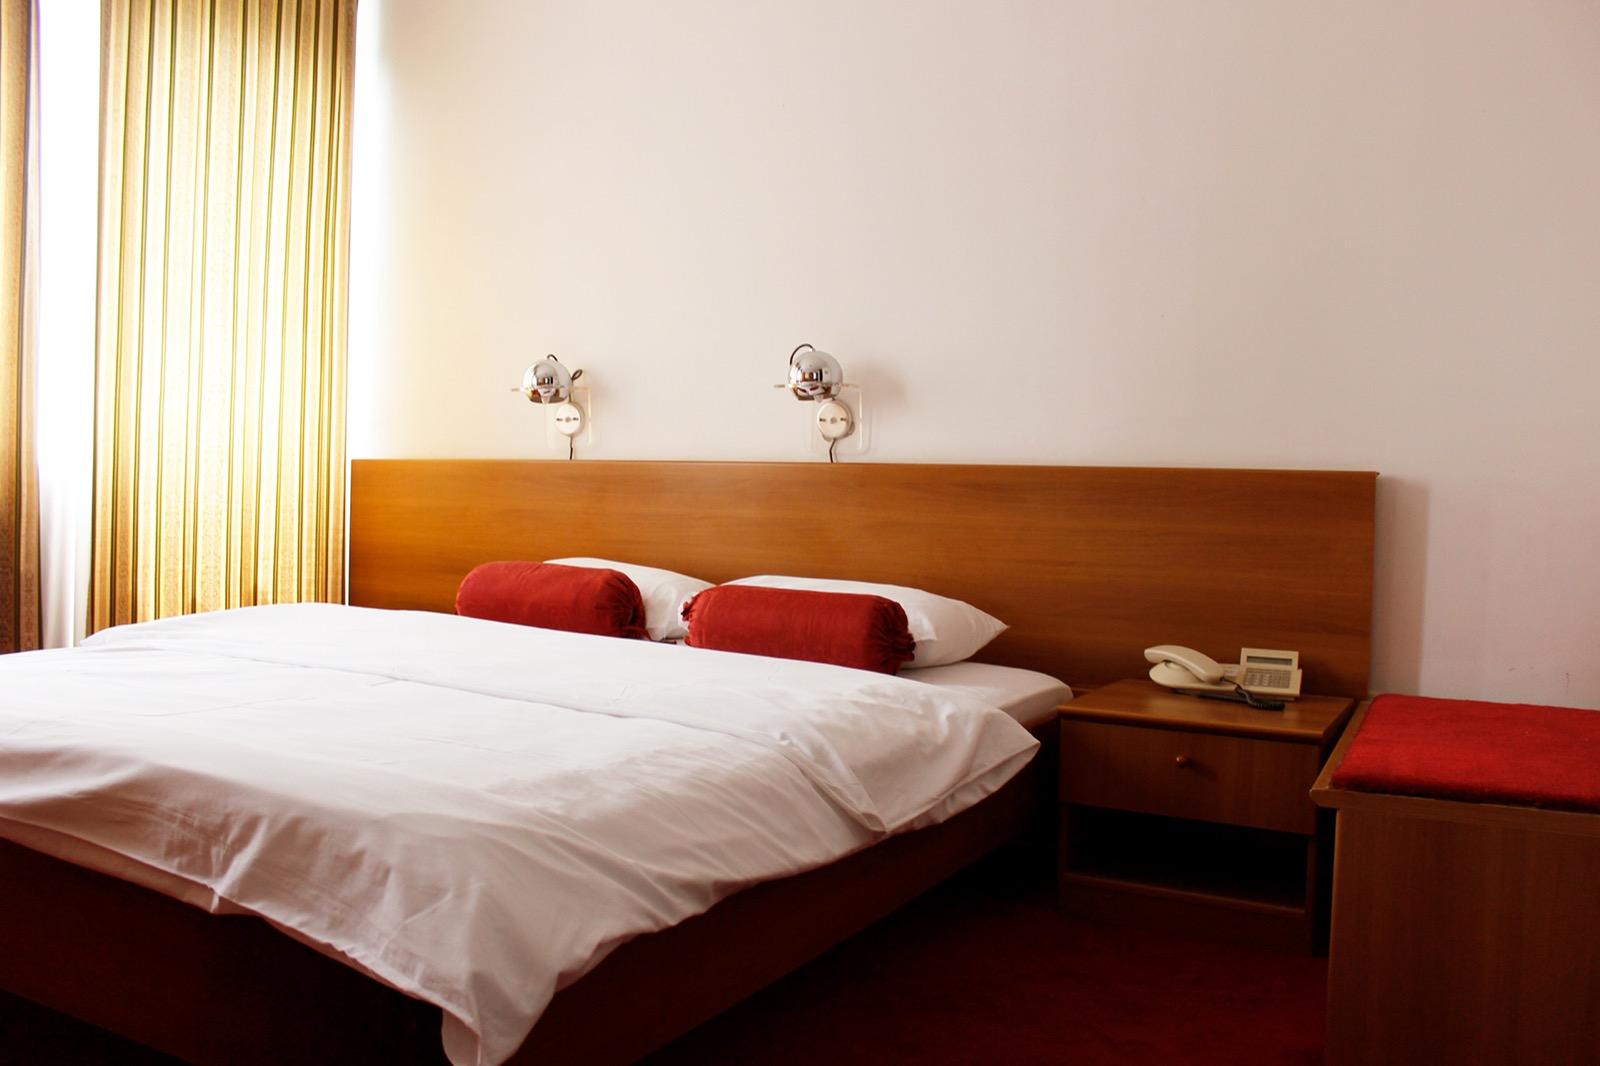 Putovanje Trebinje, Sarajevo, Mostar, Višegrad evropski gradovi, city break, hotel Grand, soba